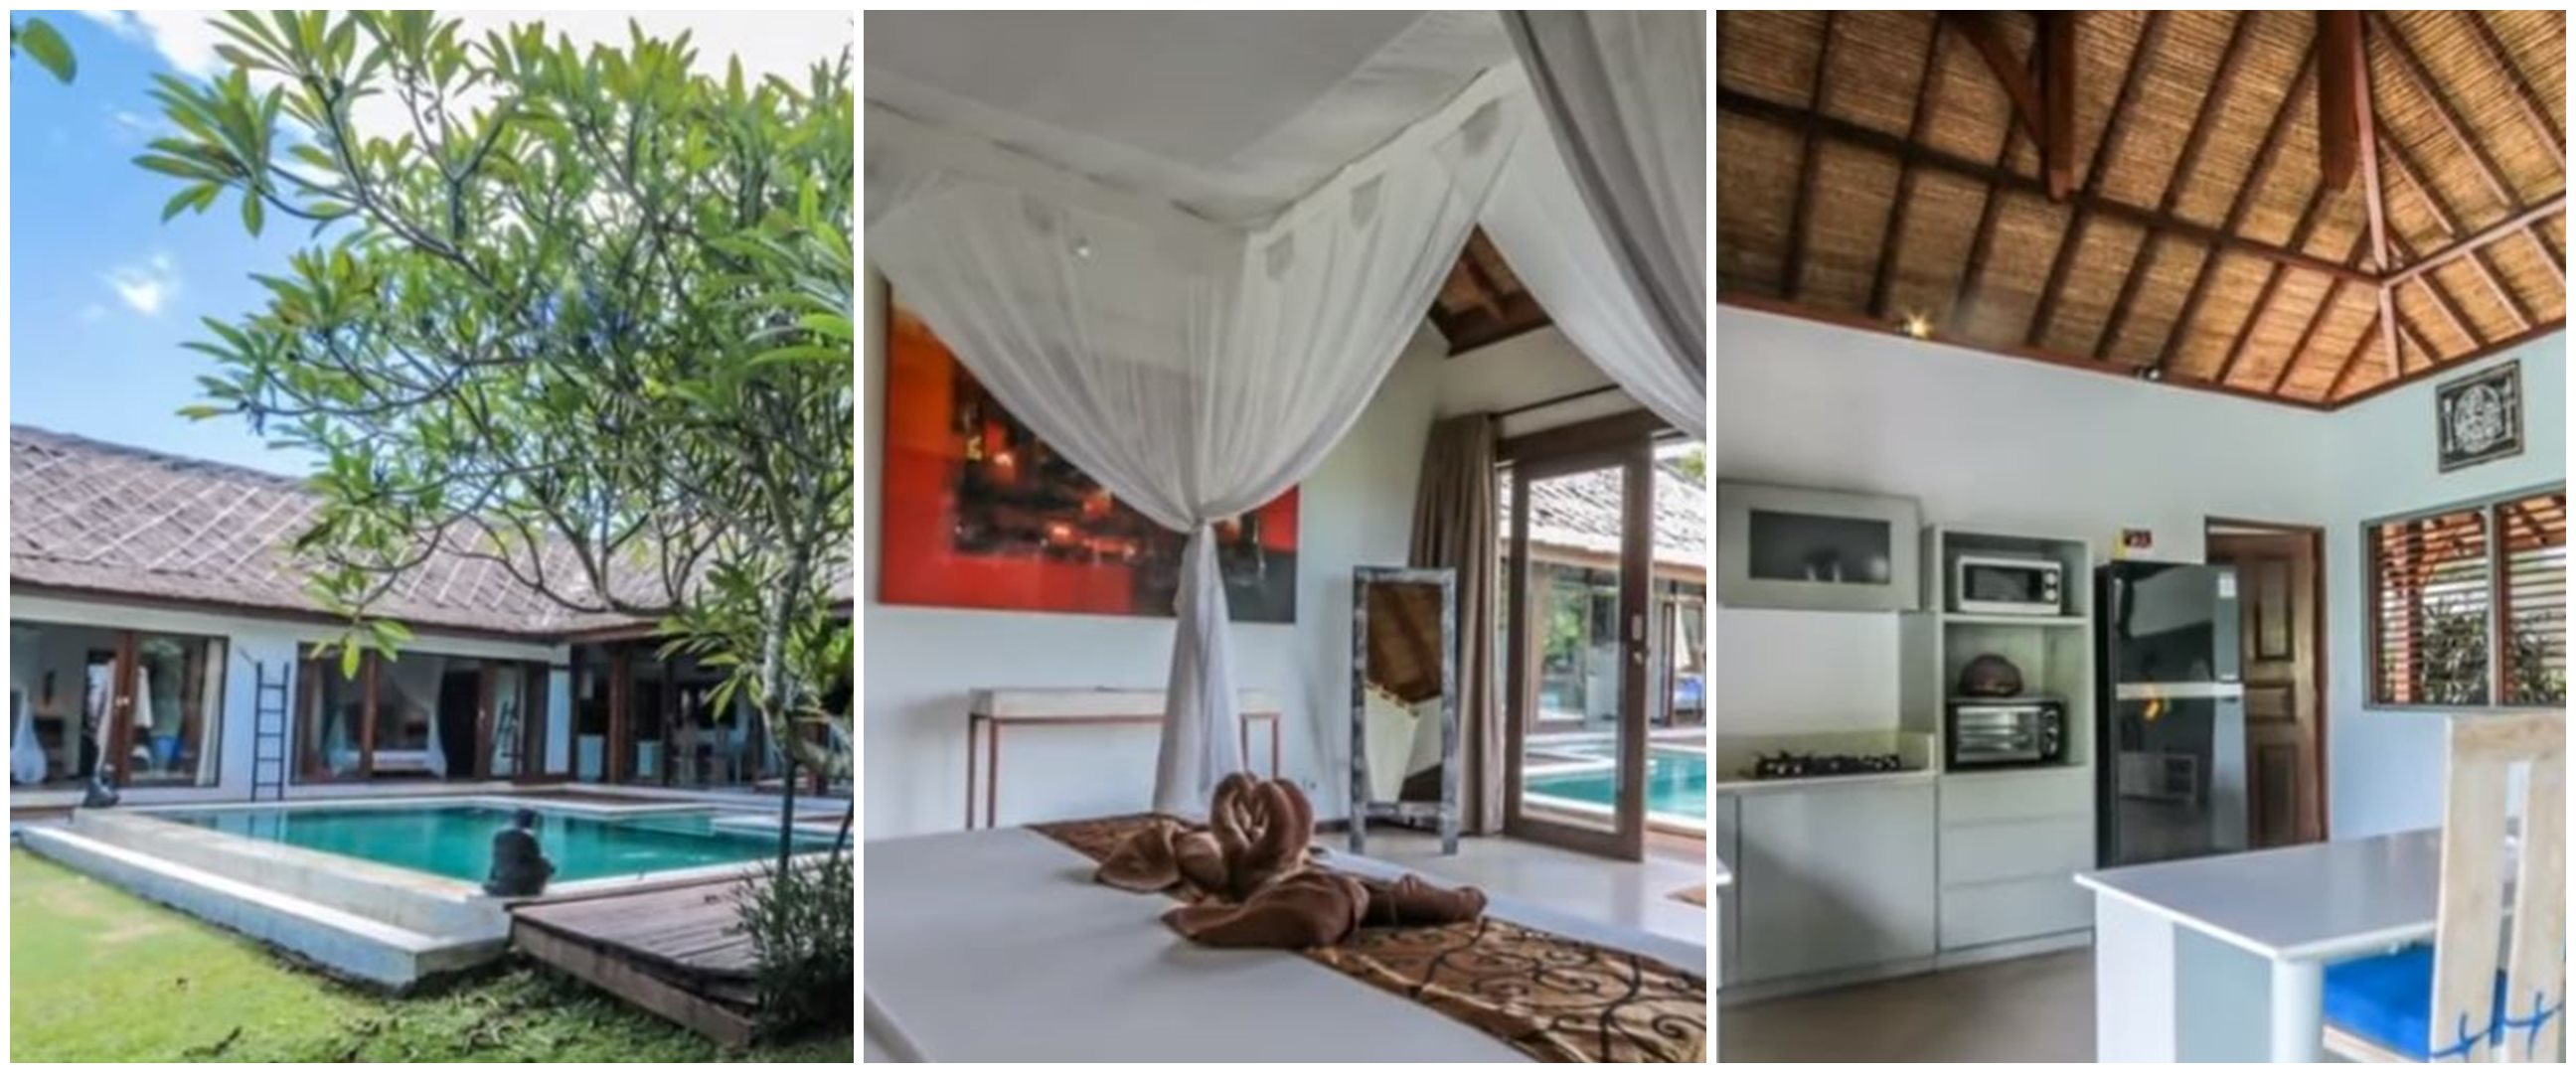 Potret rumah 11 seleb di Bali, asri dan nyaman